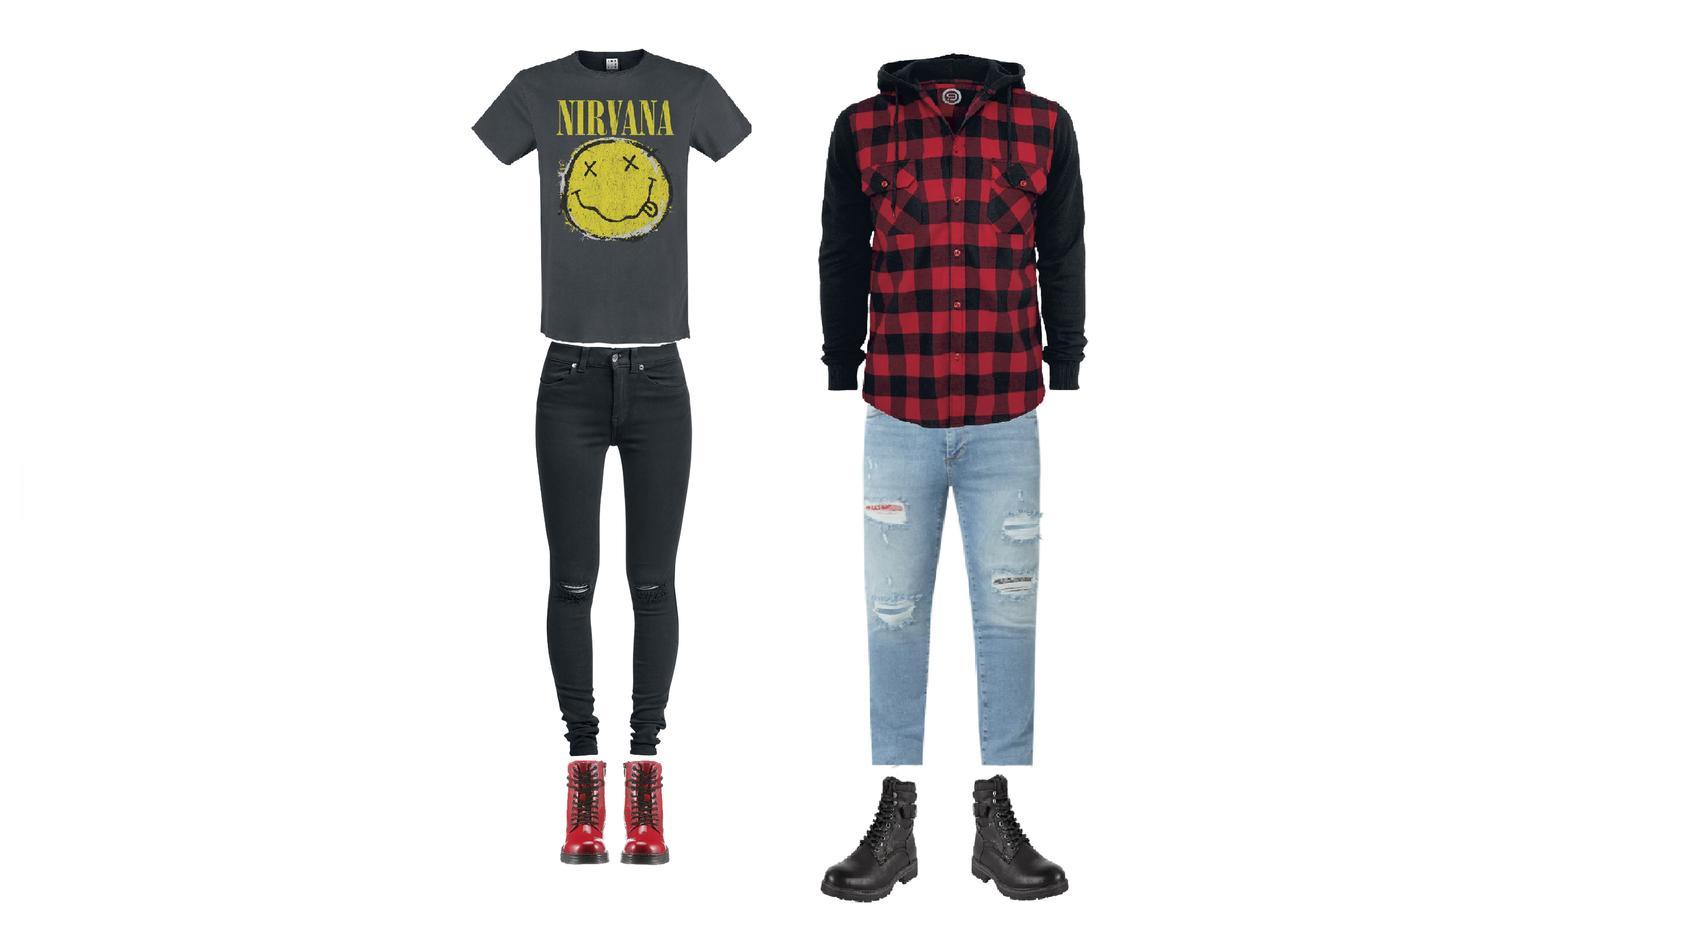 Typisch für den Grunge-Style sind Flanellshirts, Bandshirts und zerrissene Jeans.